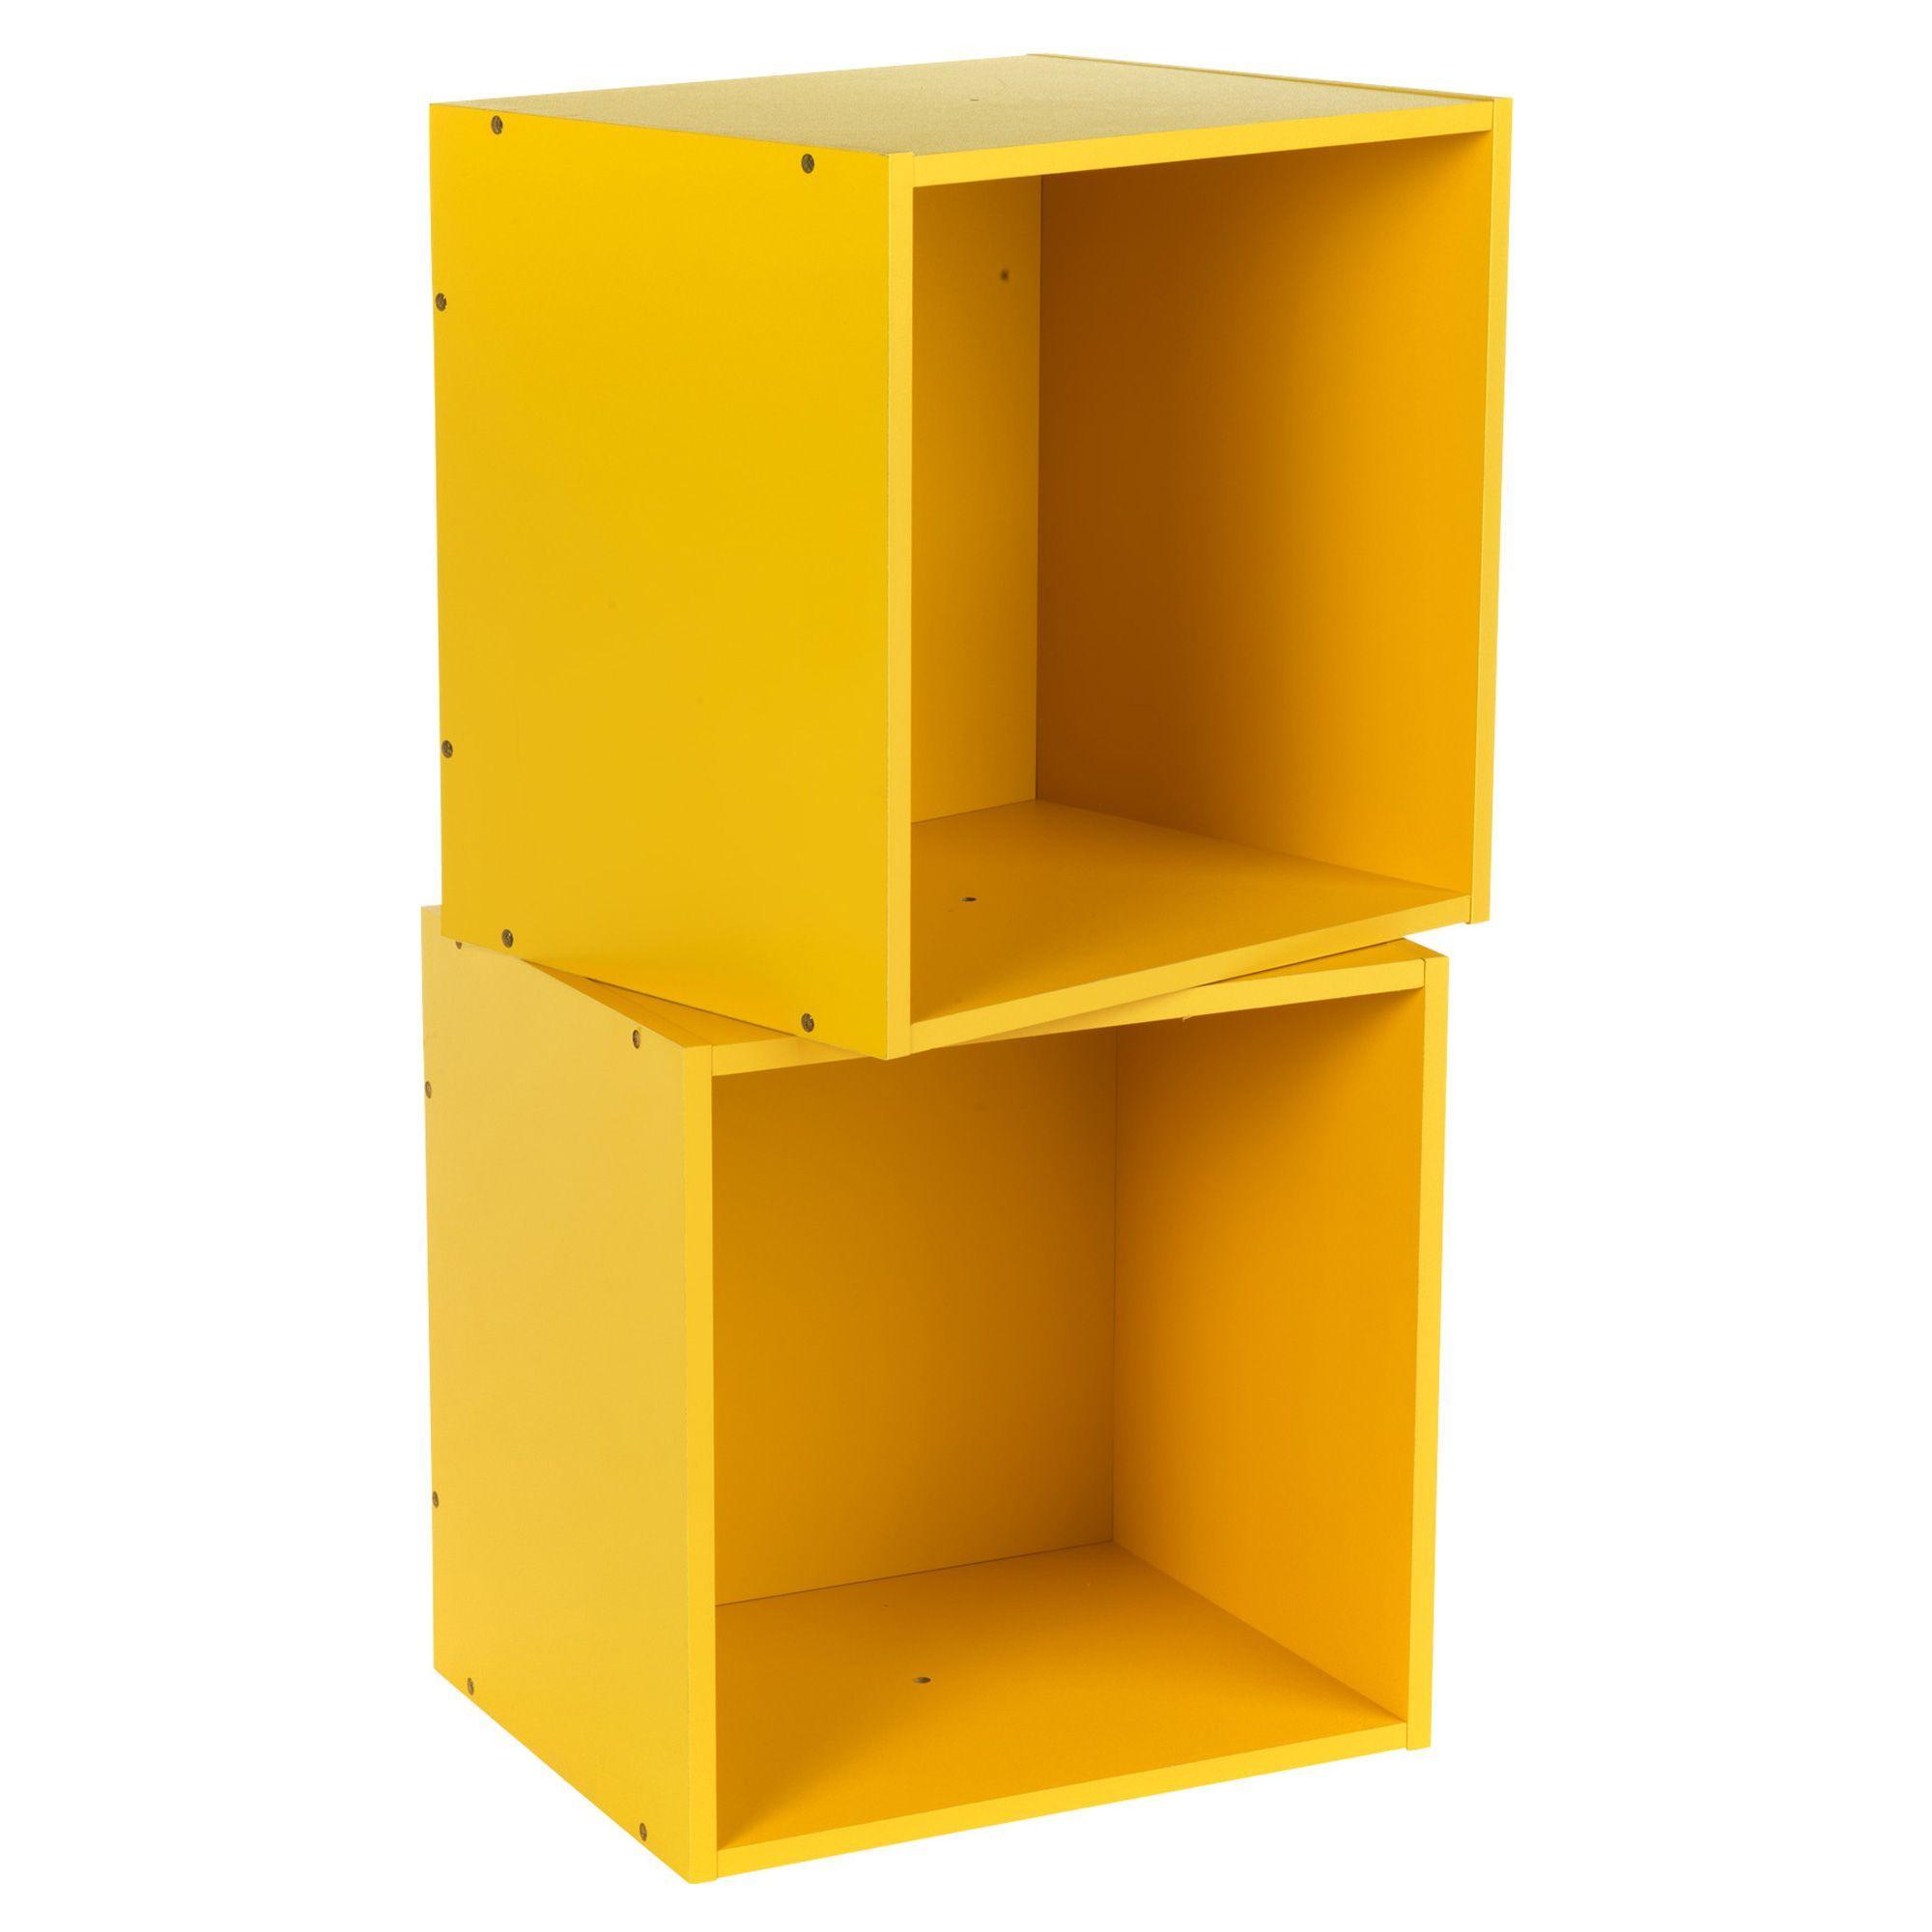 Lot de 2 cases jaune Jaune - Kubico - Les étagères à composer ...